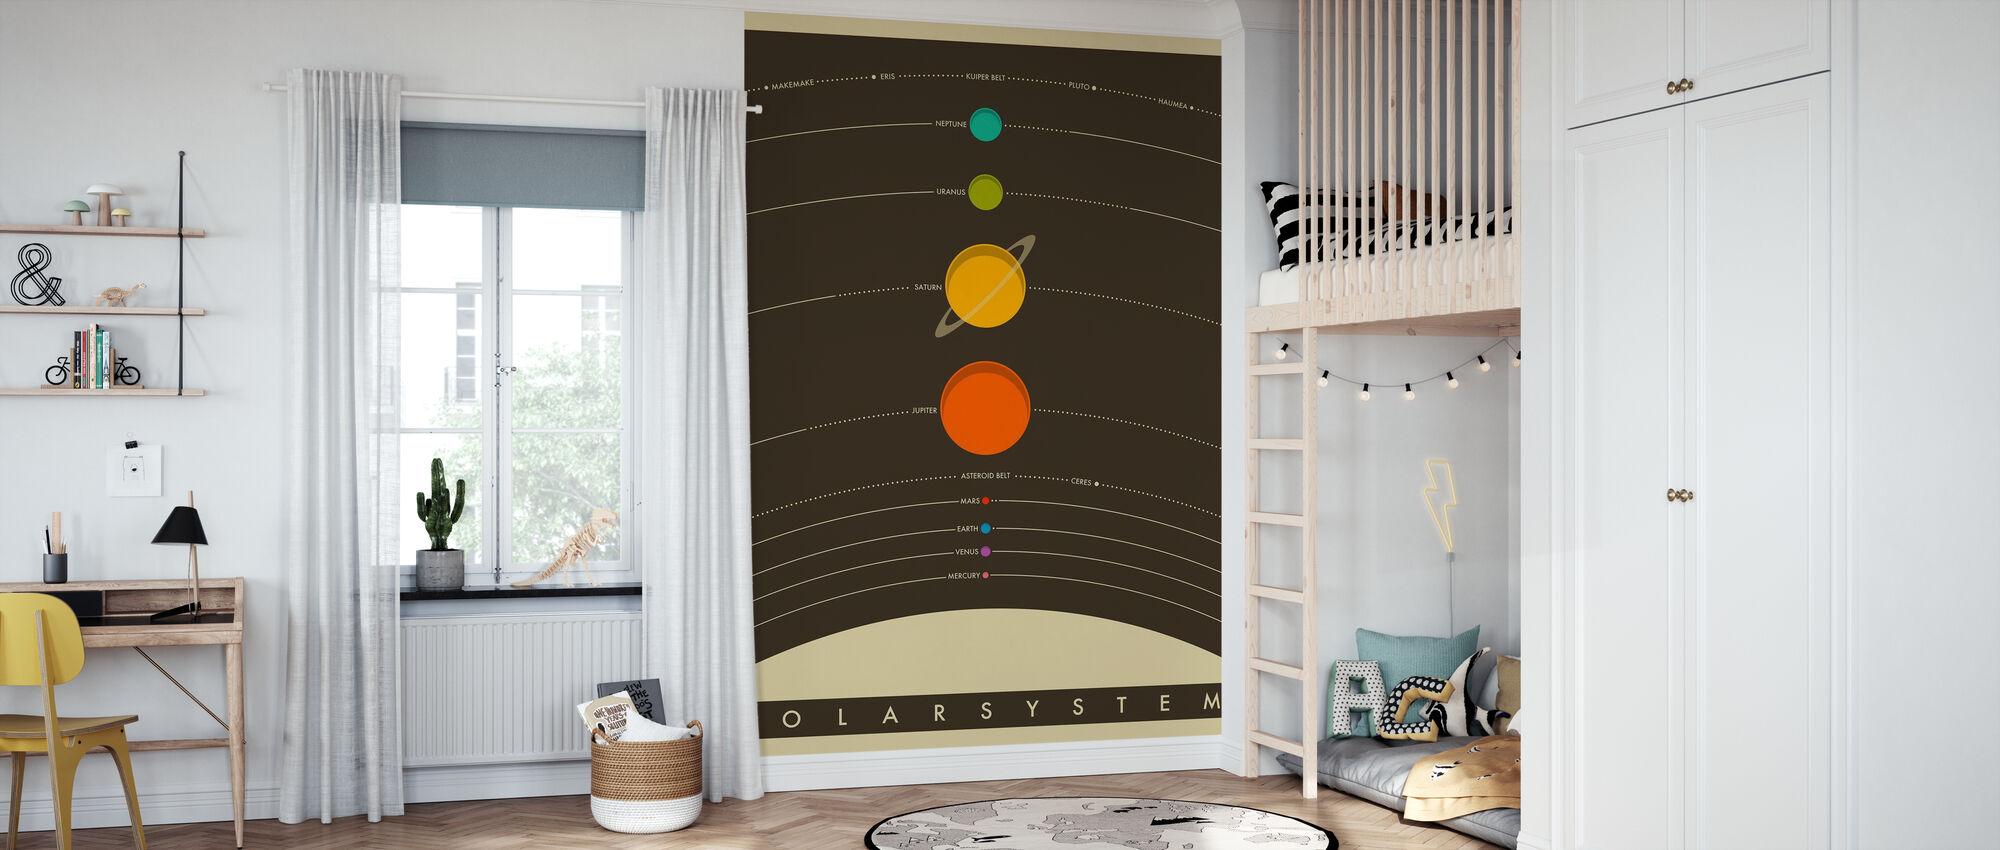 Solsystem - Brun - Tapet - Børneværelse